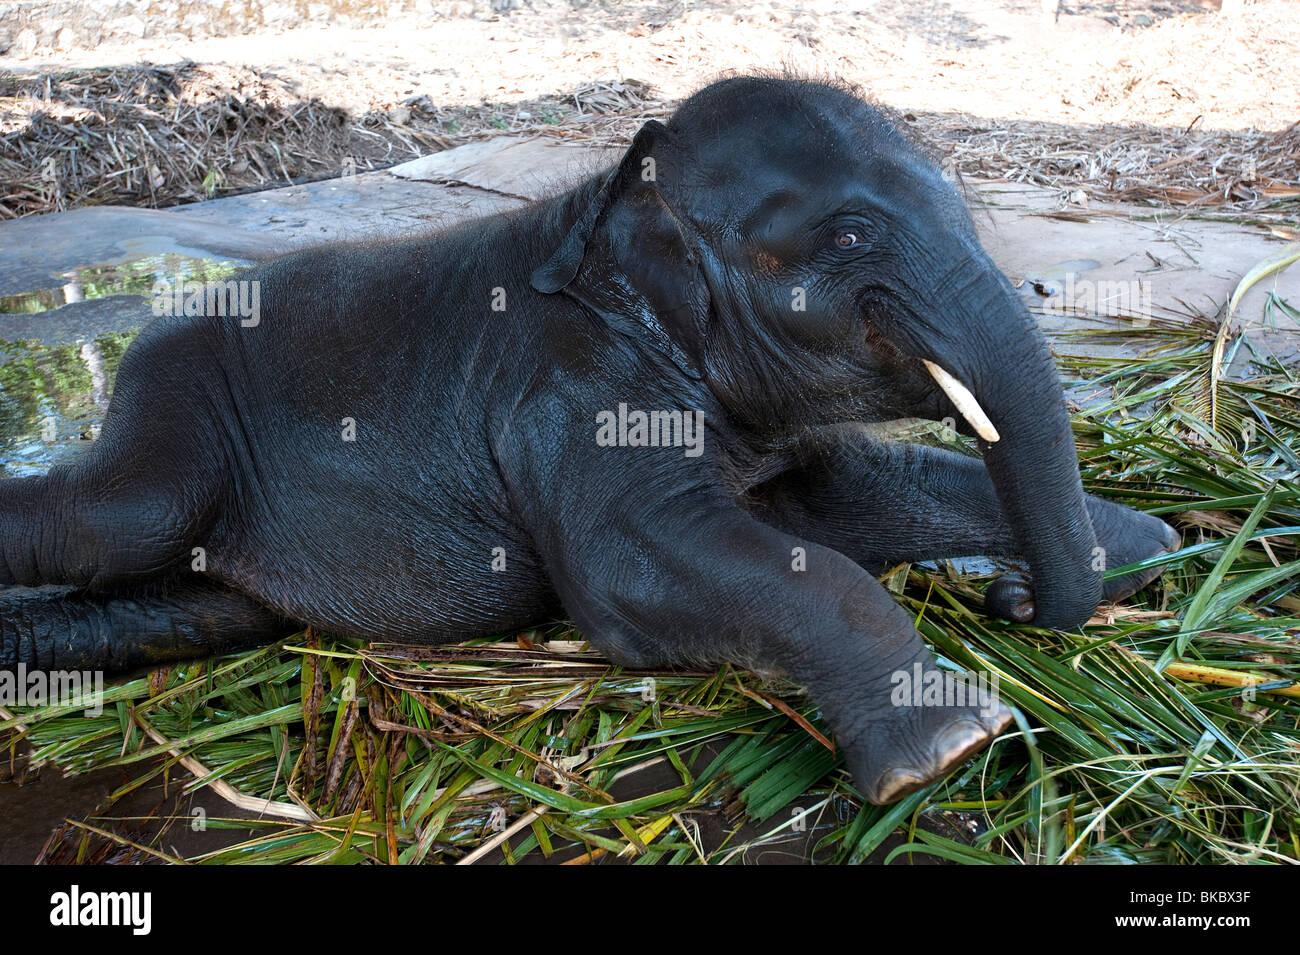 Baby elephant kerala india stock image